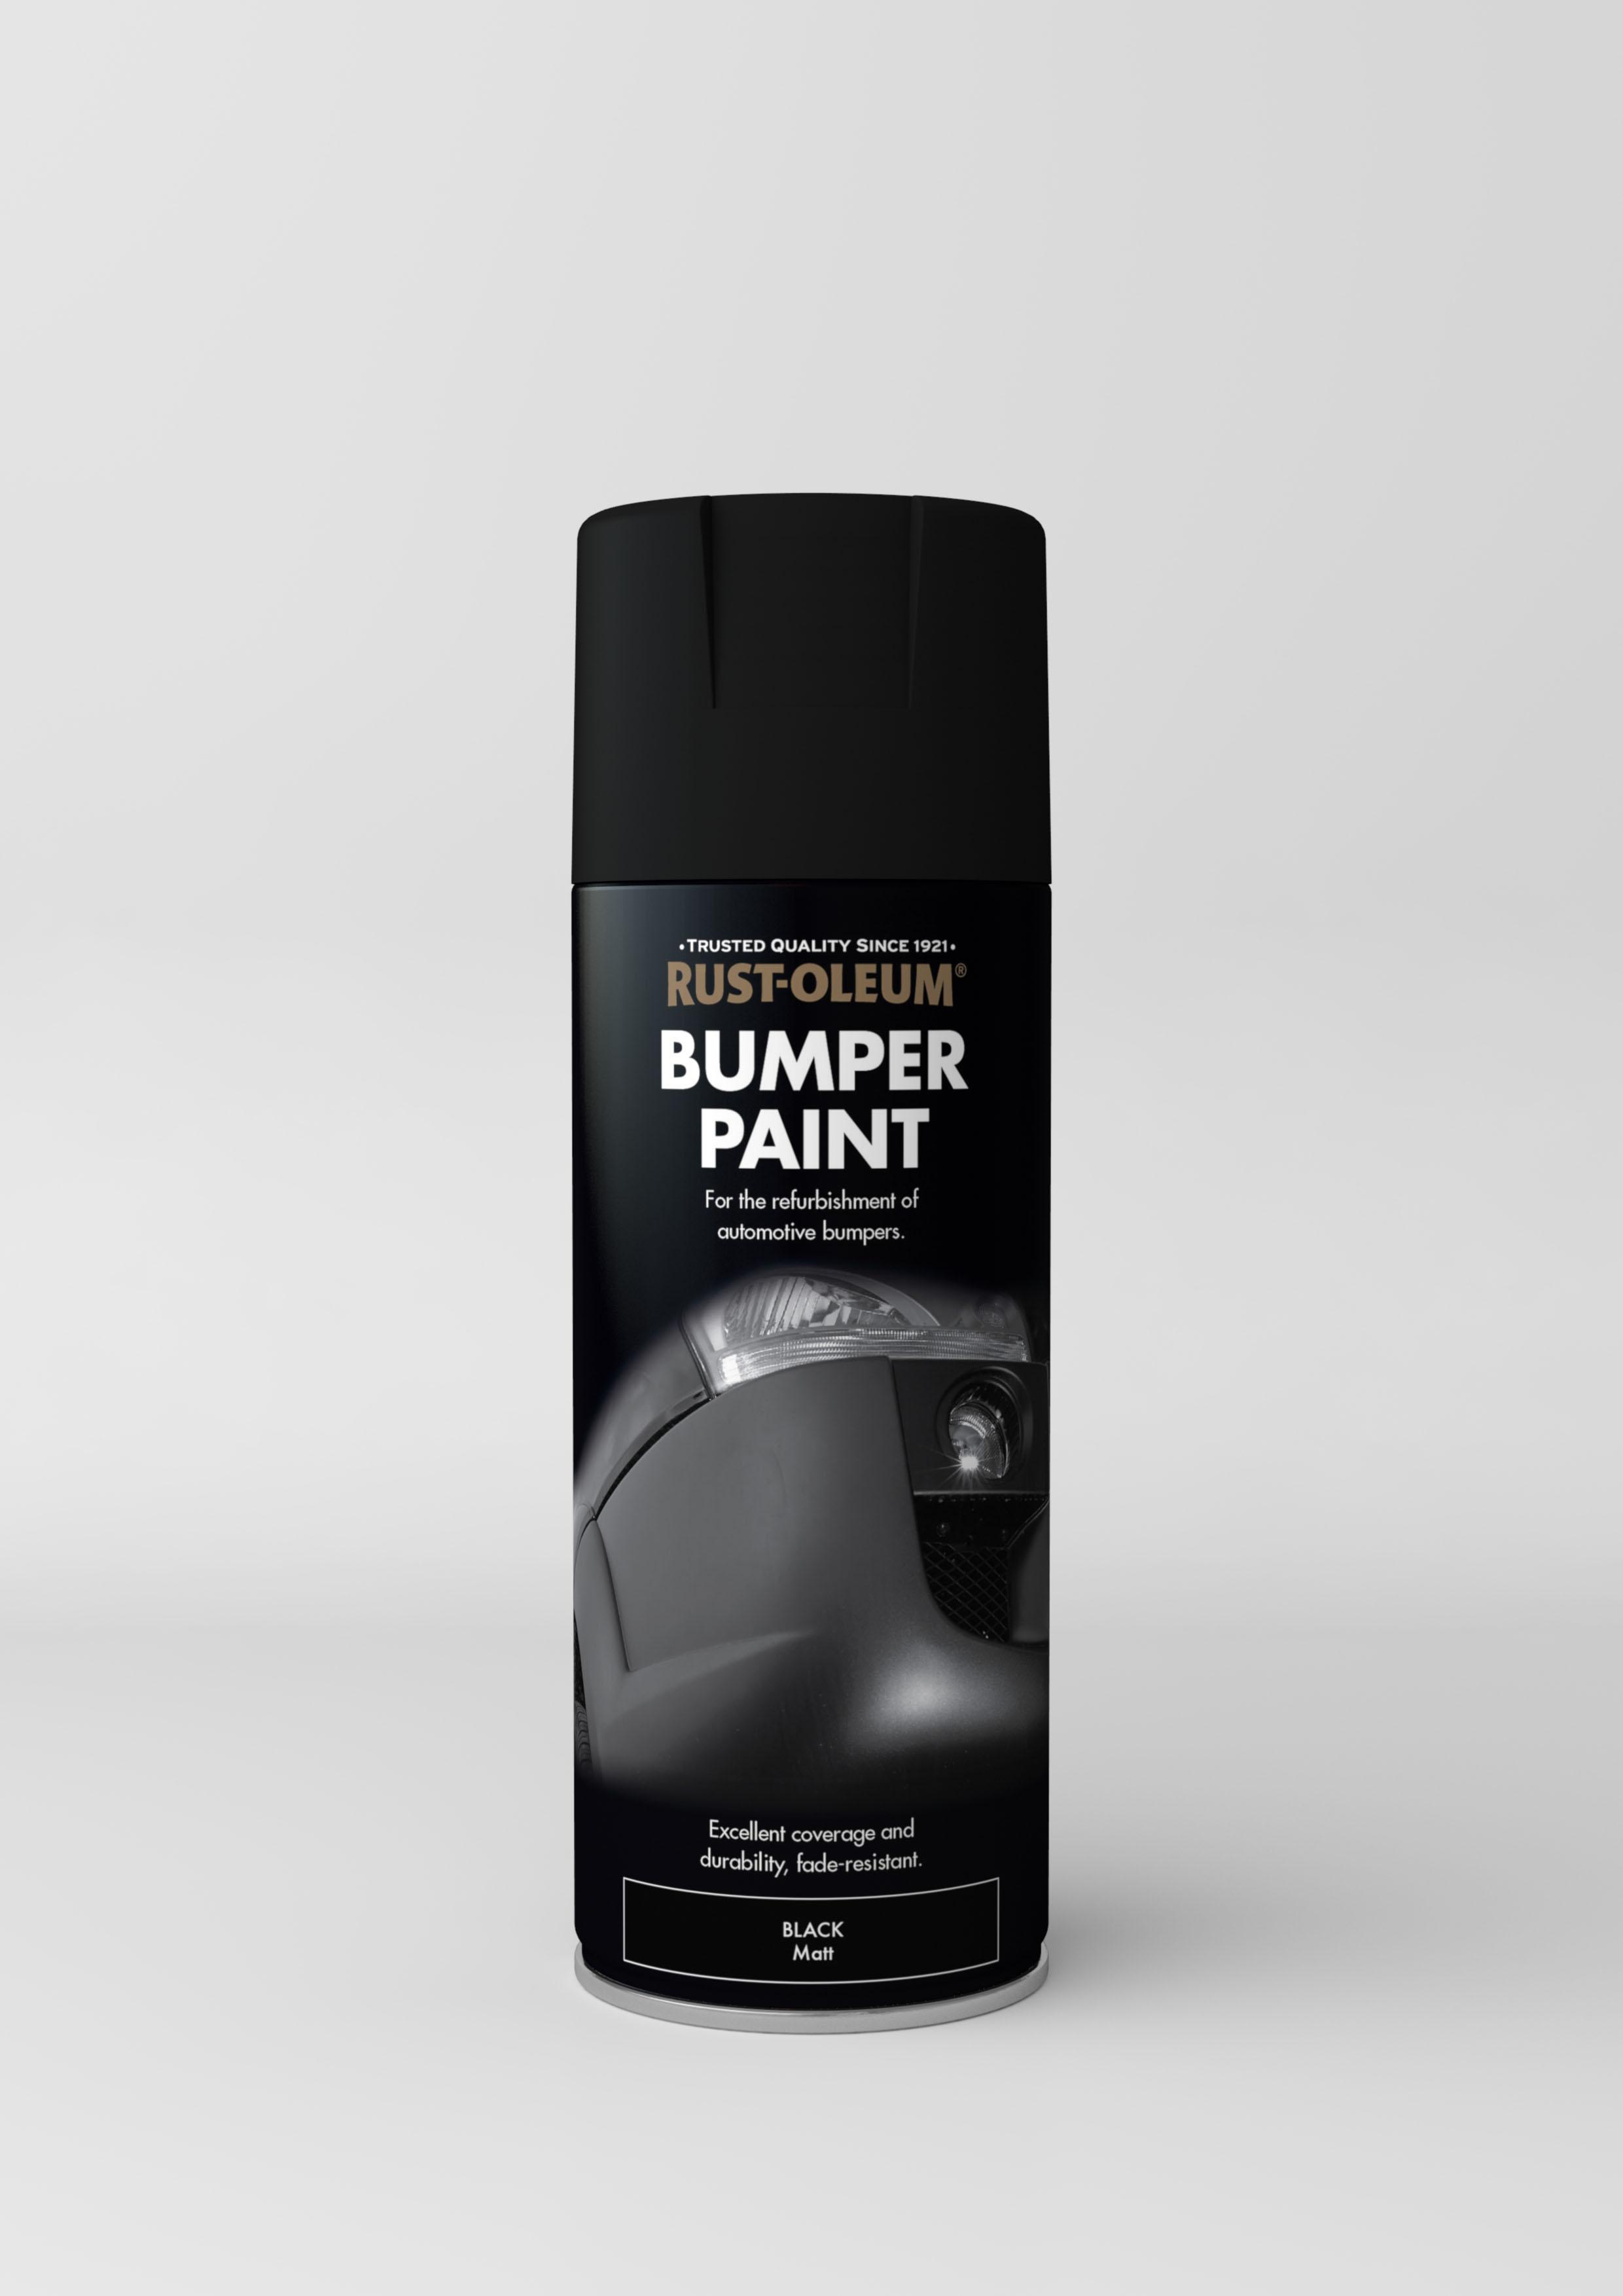 automotive bumper paint - black